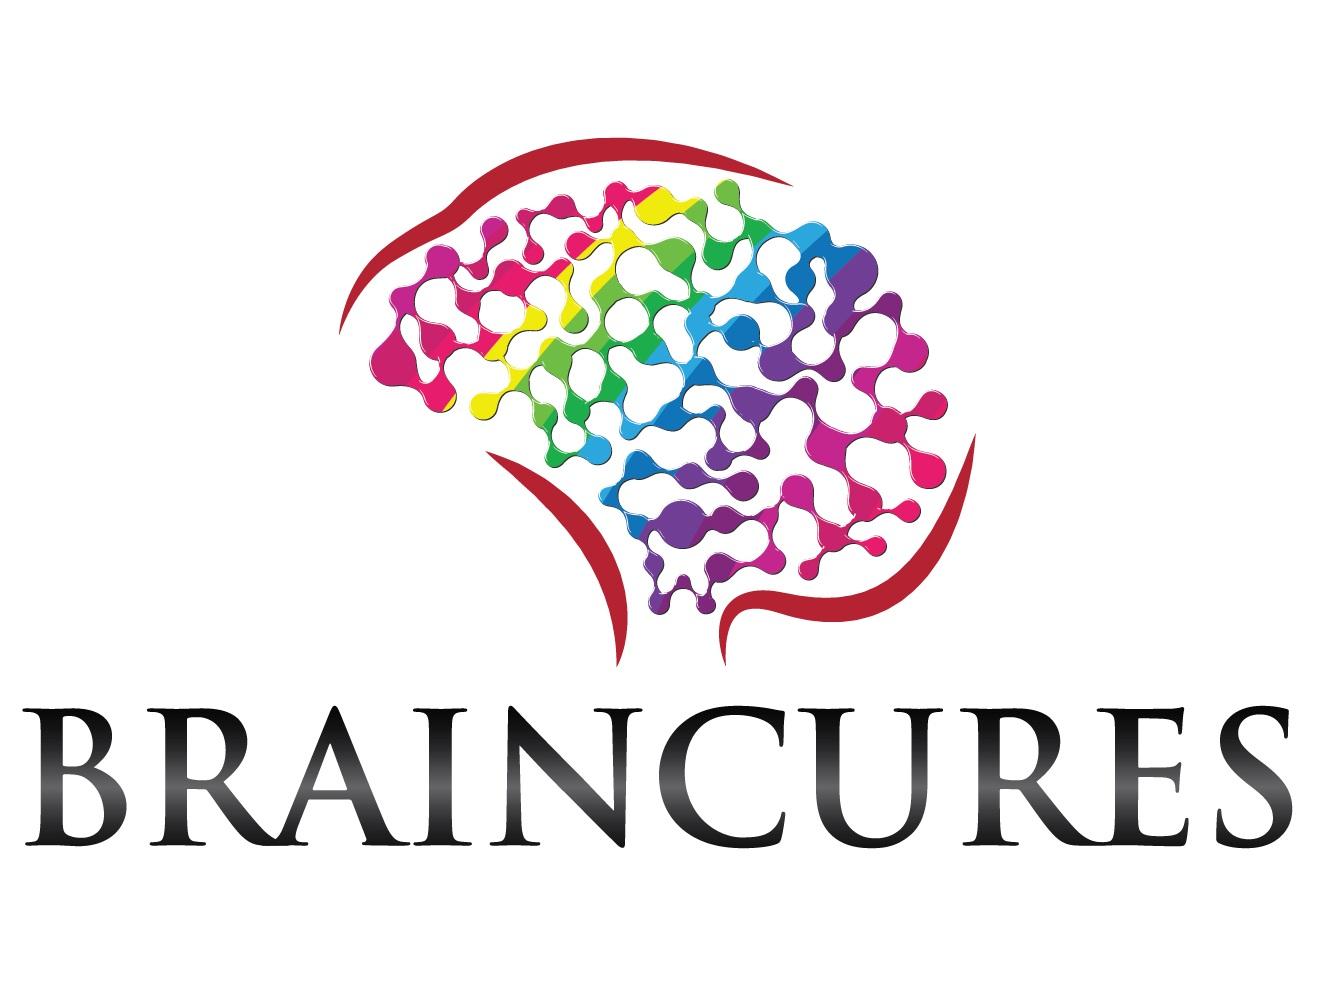 Braincures.jpg